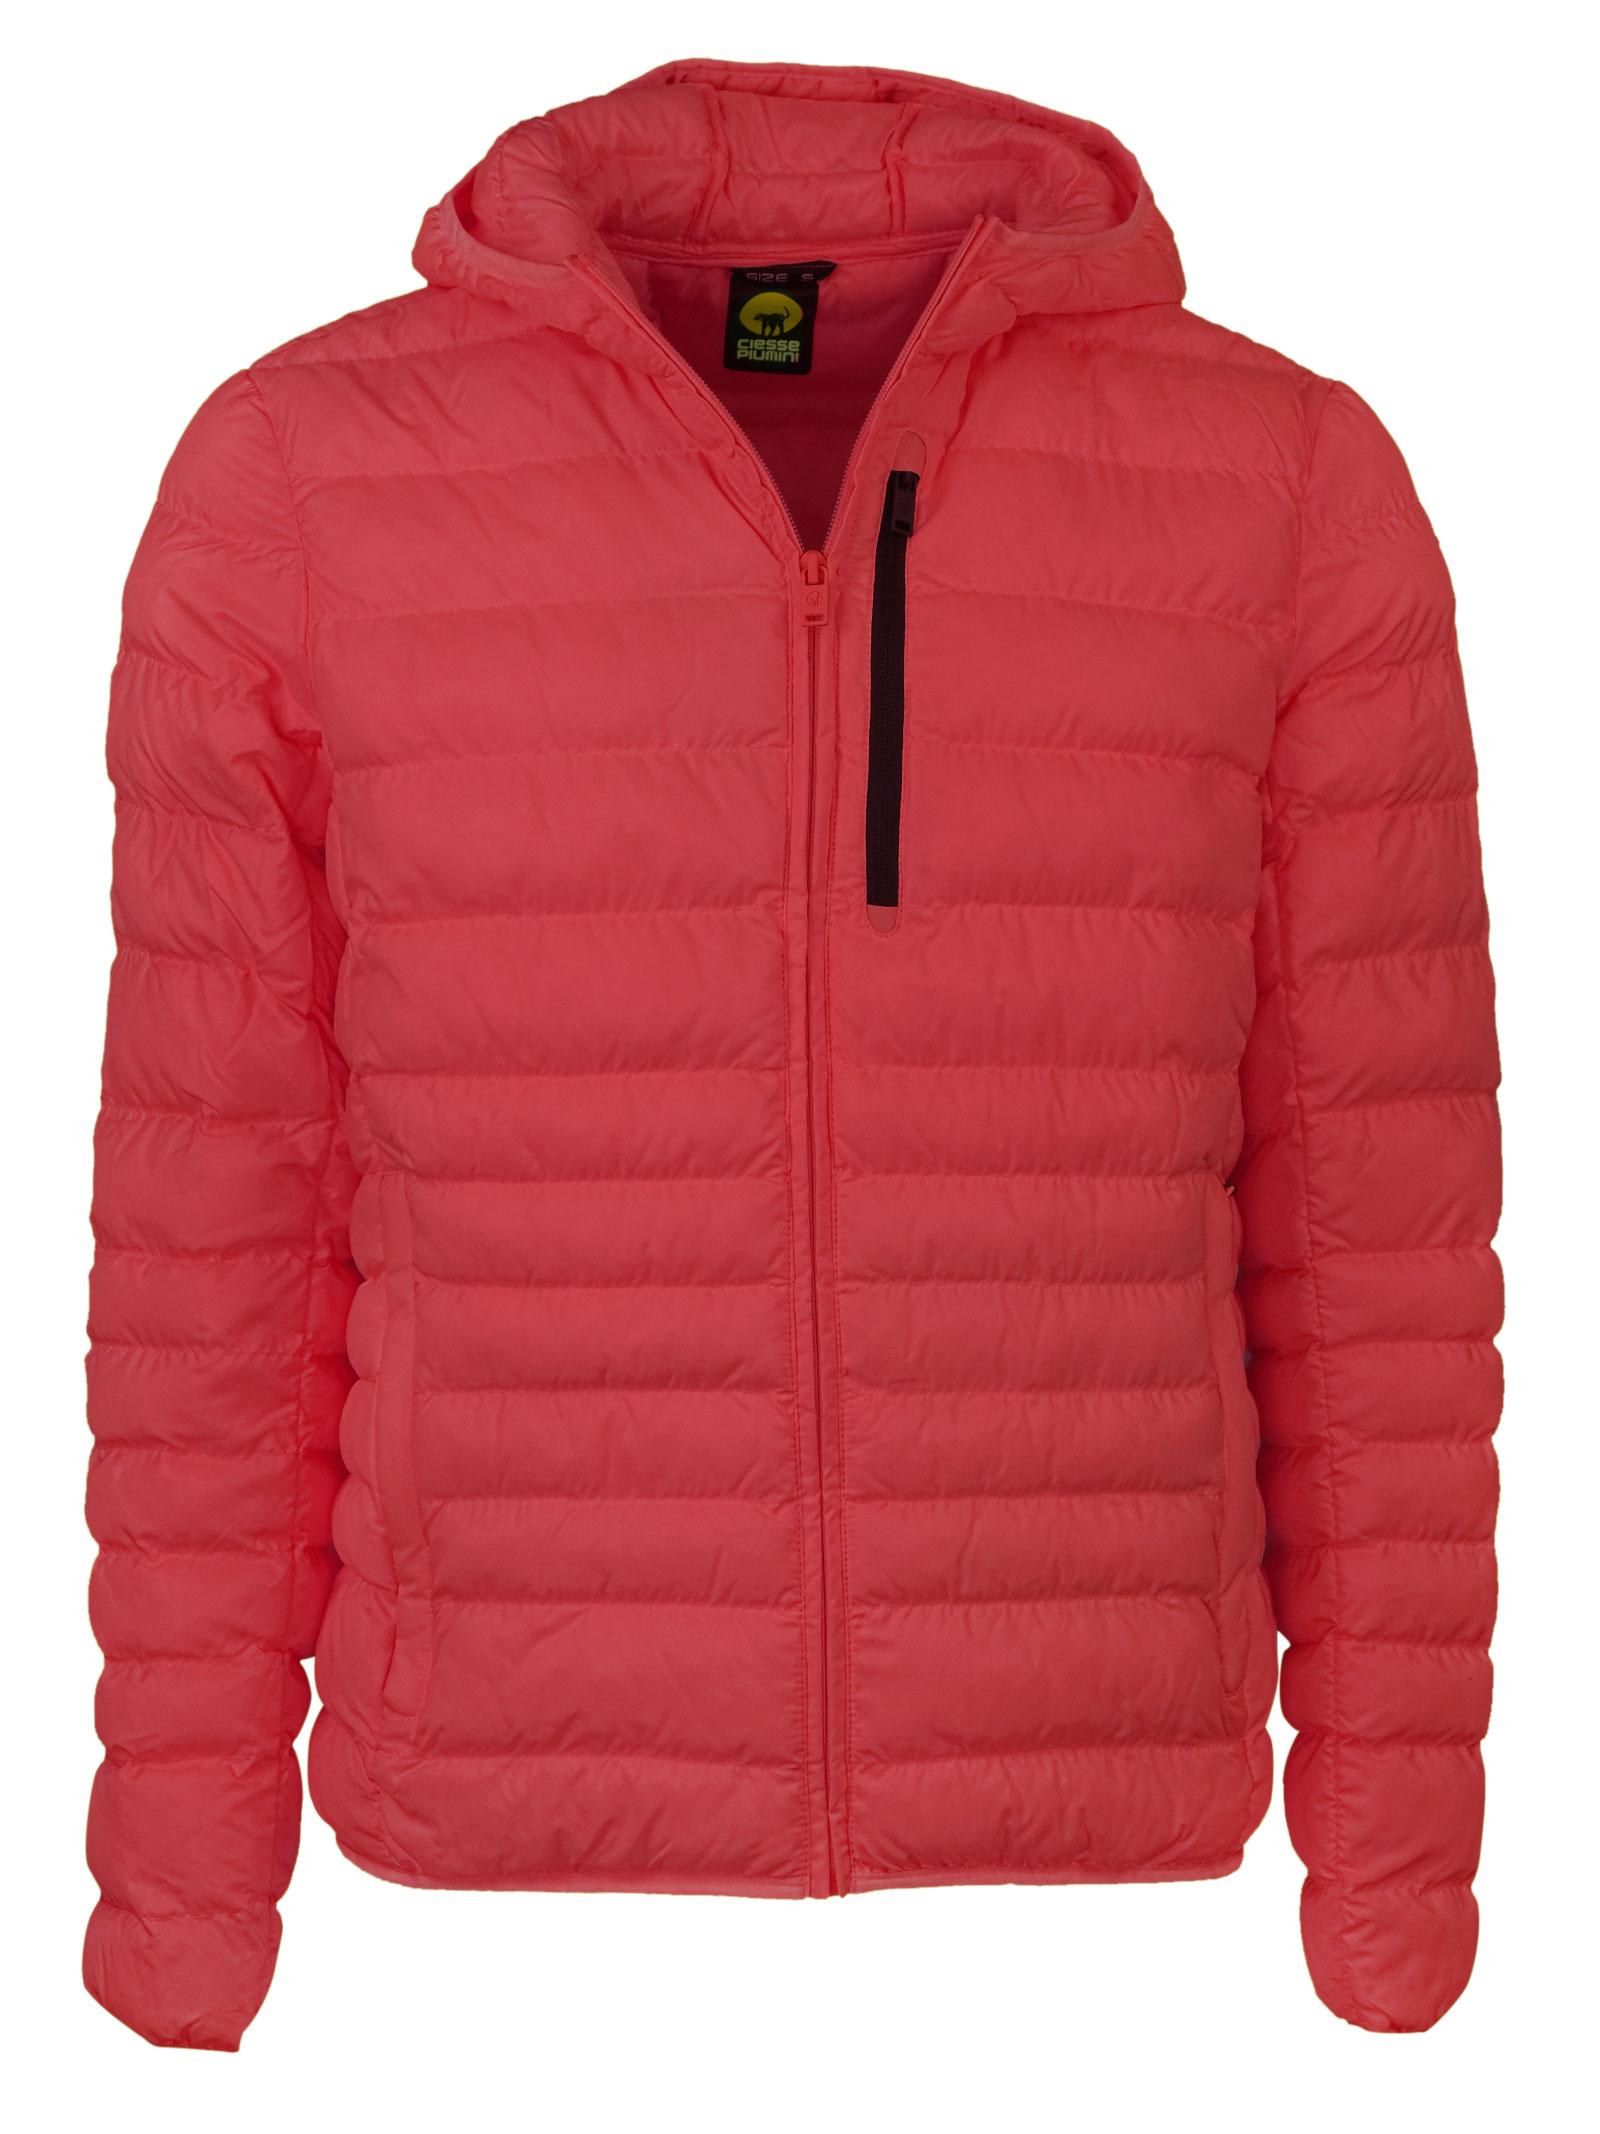 Hooded Eco-Down Jacket  CIESSE   Jackets   CAMJ00127 P1O10R500XXN